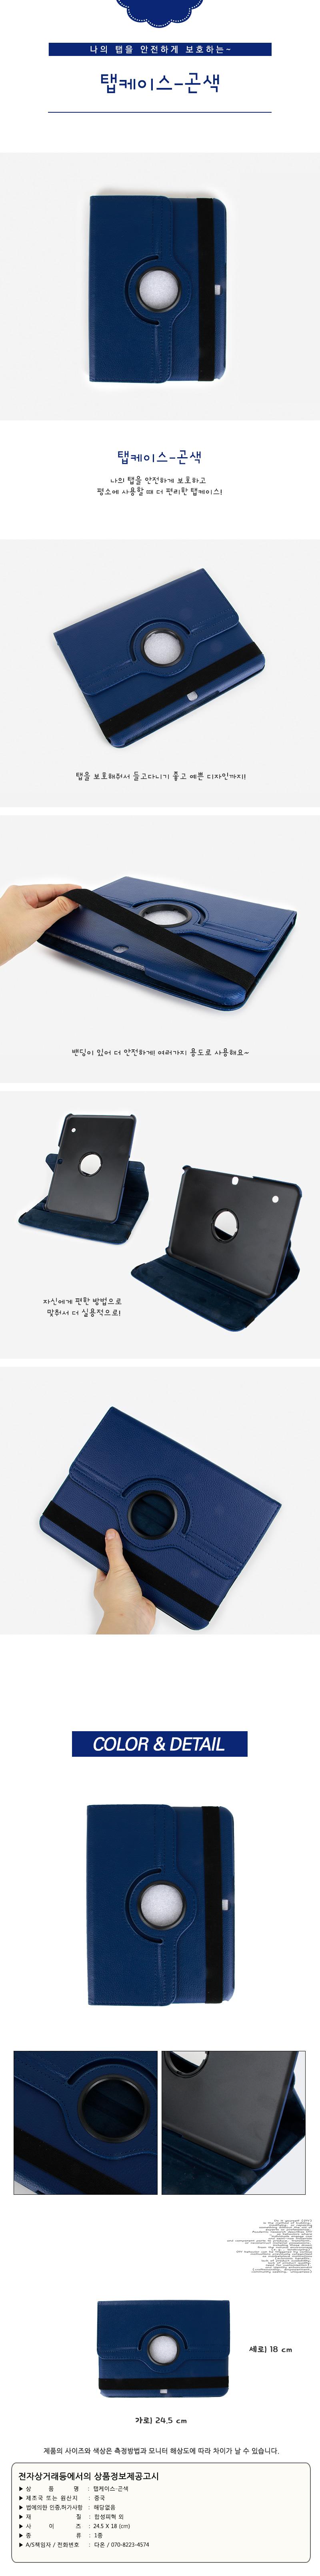 삼성갤럭시탭4 10.1 T530 T536 케이스_곤색 - 아토, 5,000원, 태블릿PC, 25.4cm 이상